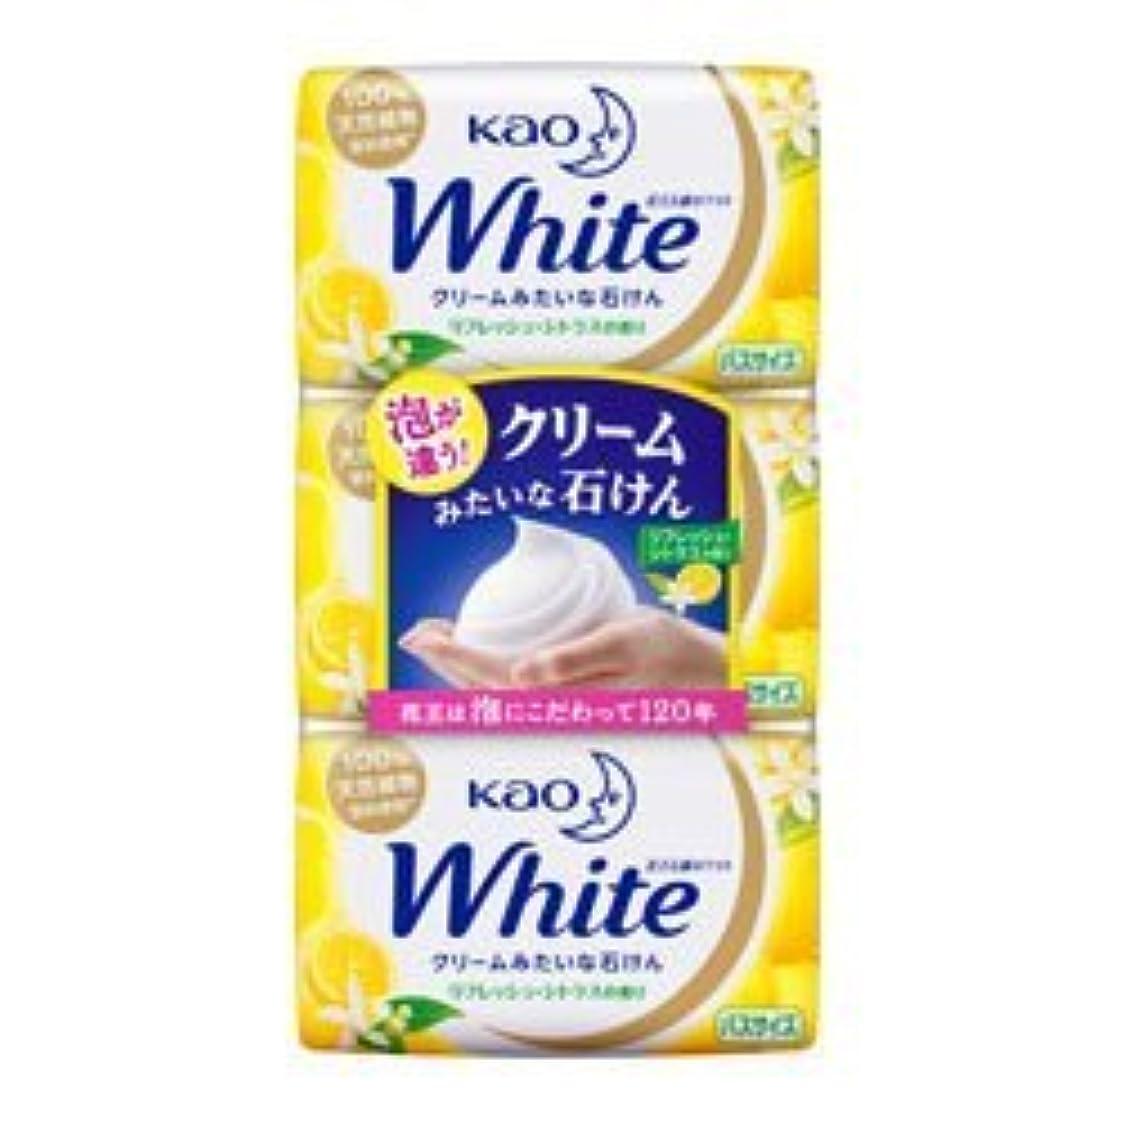 素晴らしきパワーセルアクチュエータ【花王】ホワイト リフレッシュ?シトラスの香り バスサイズ 130g×3個入 ×3個セット